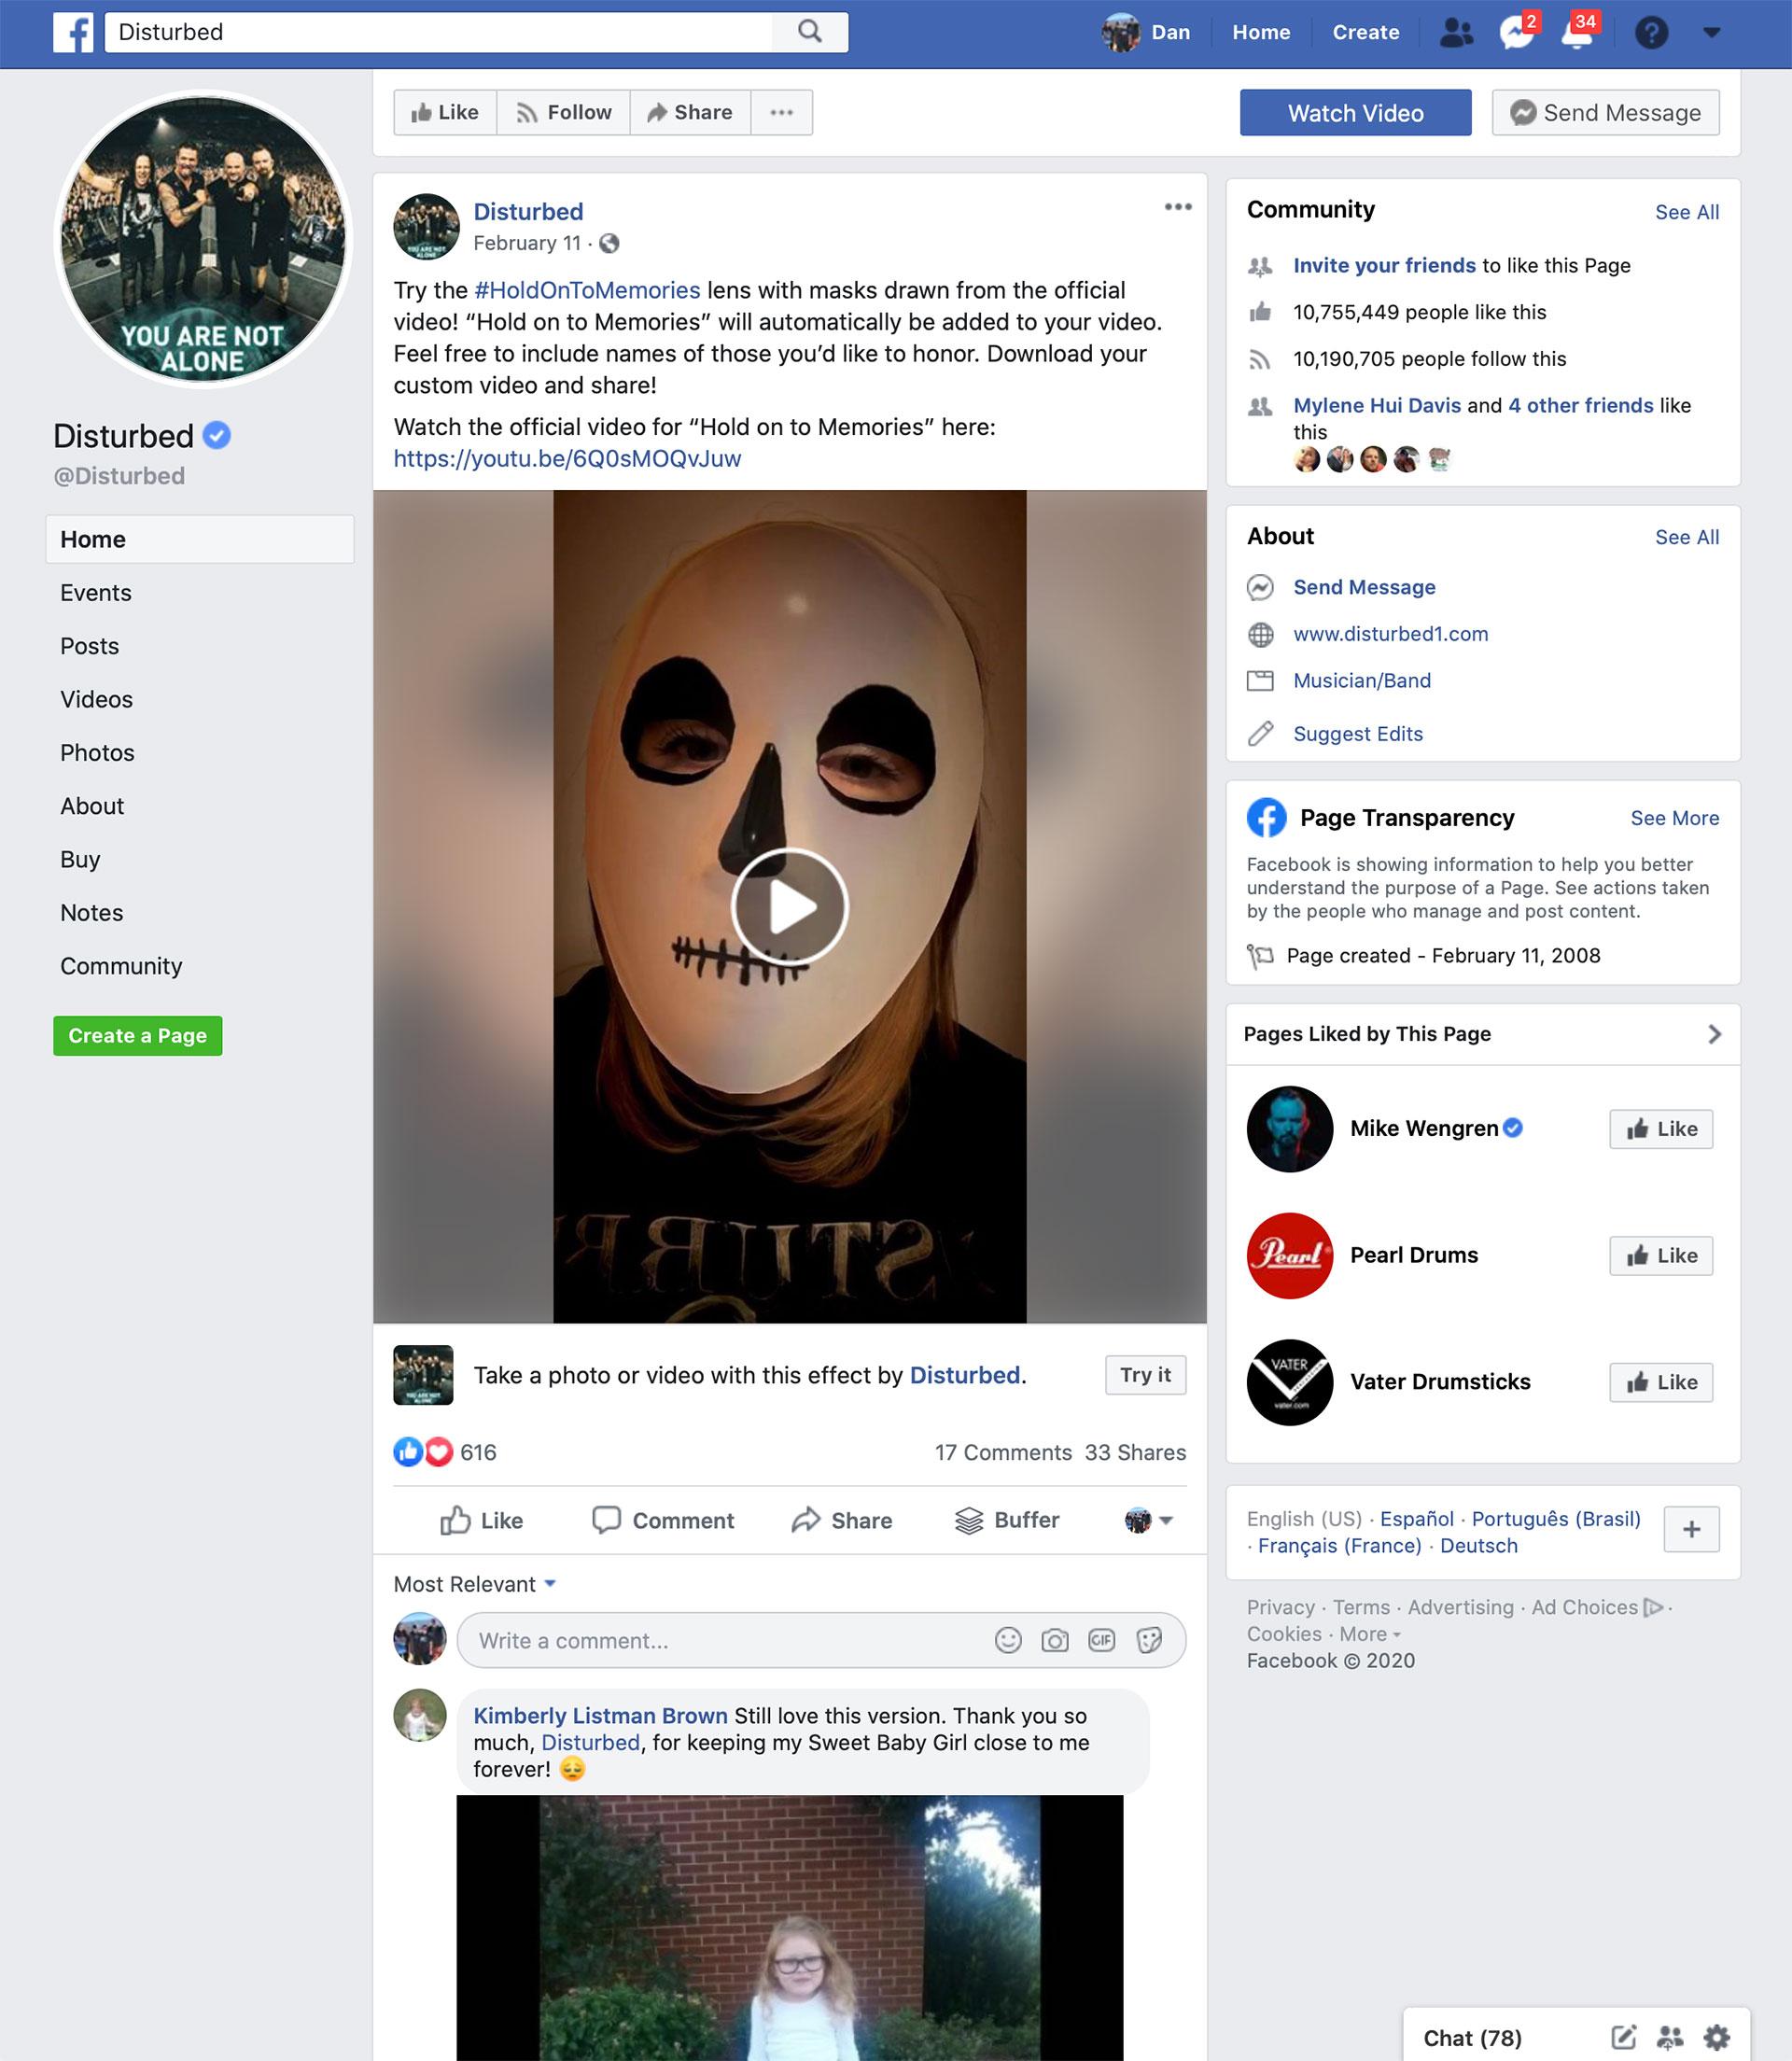 Disturbed Facebook